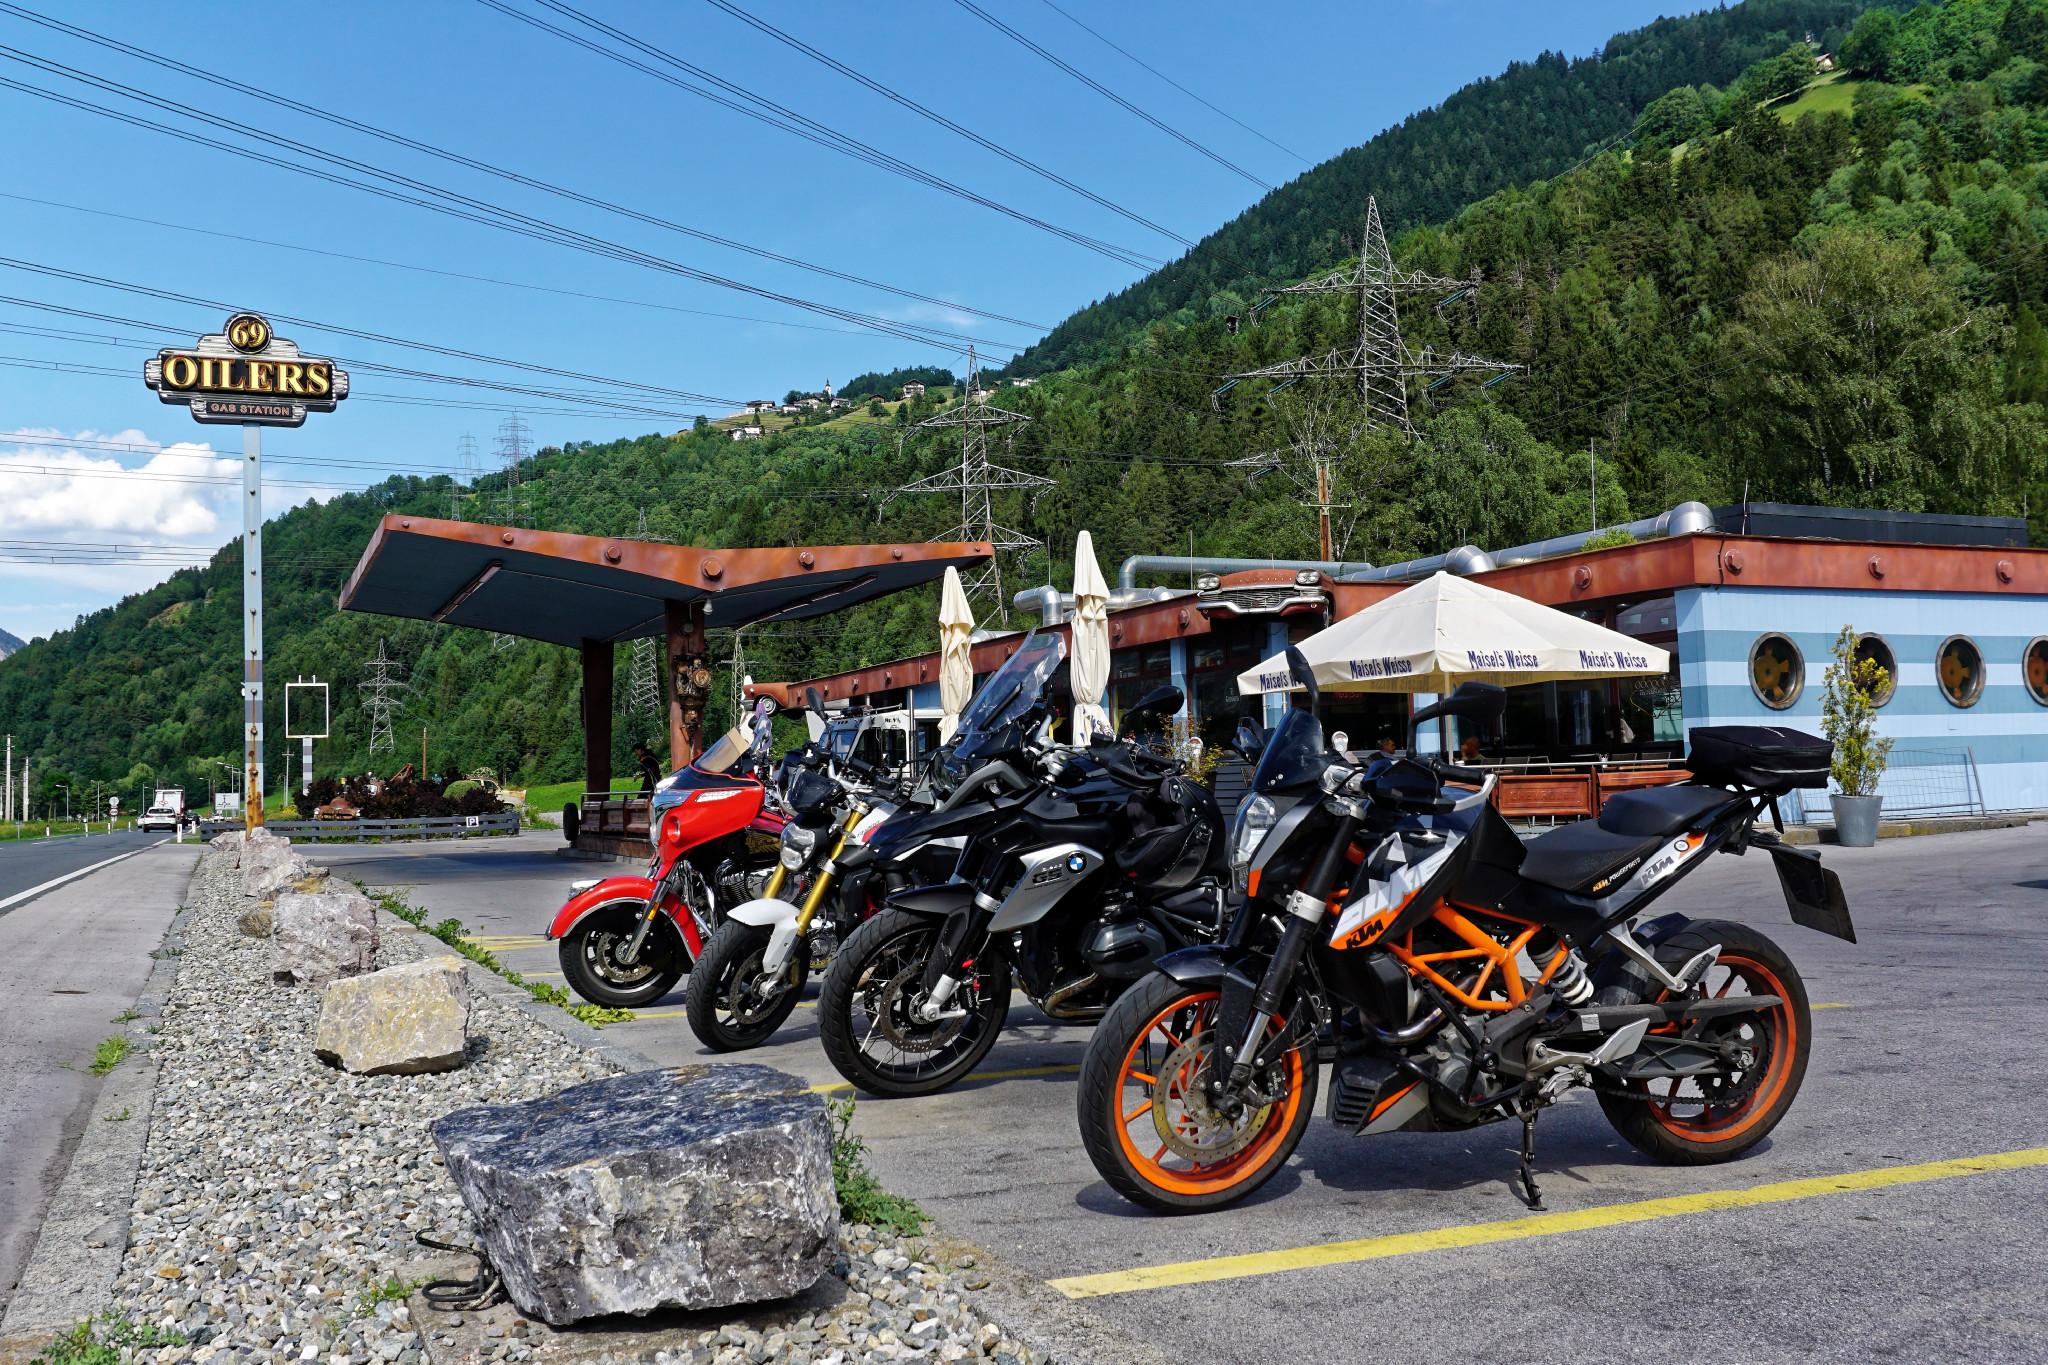 Motorräder am Oilers 69